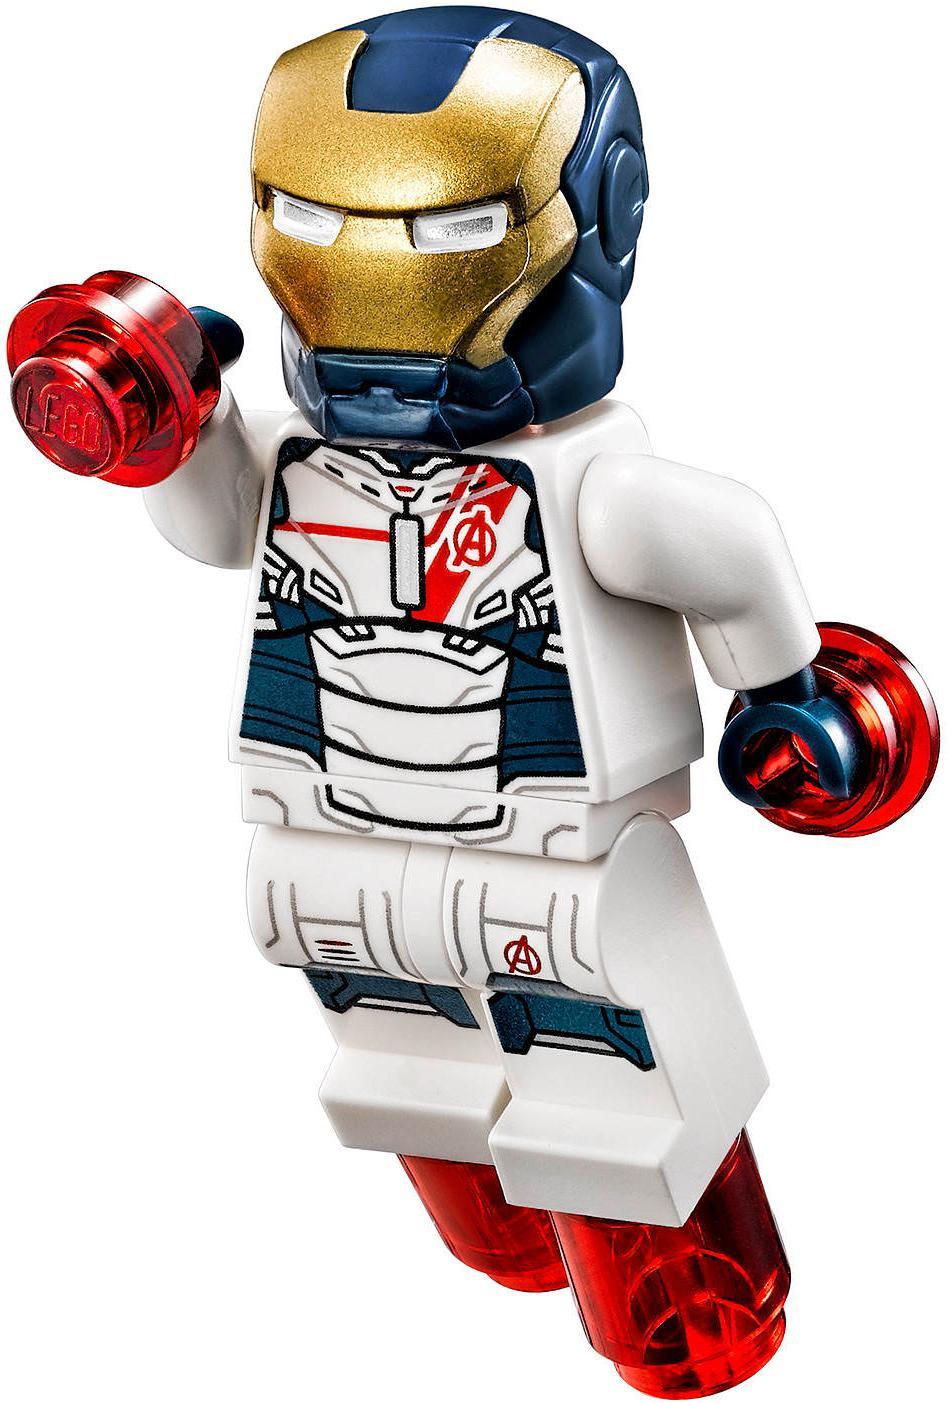 LEGO Iron Legionaire Suit Armor Minifigure